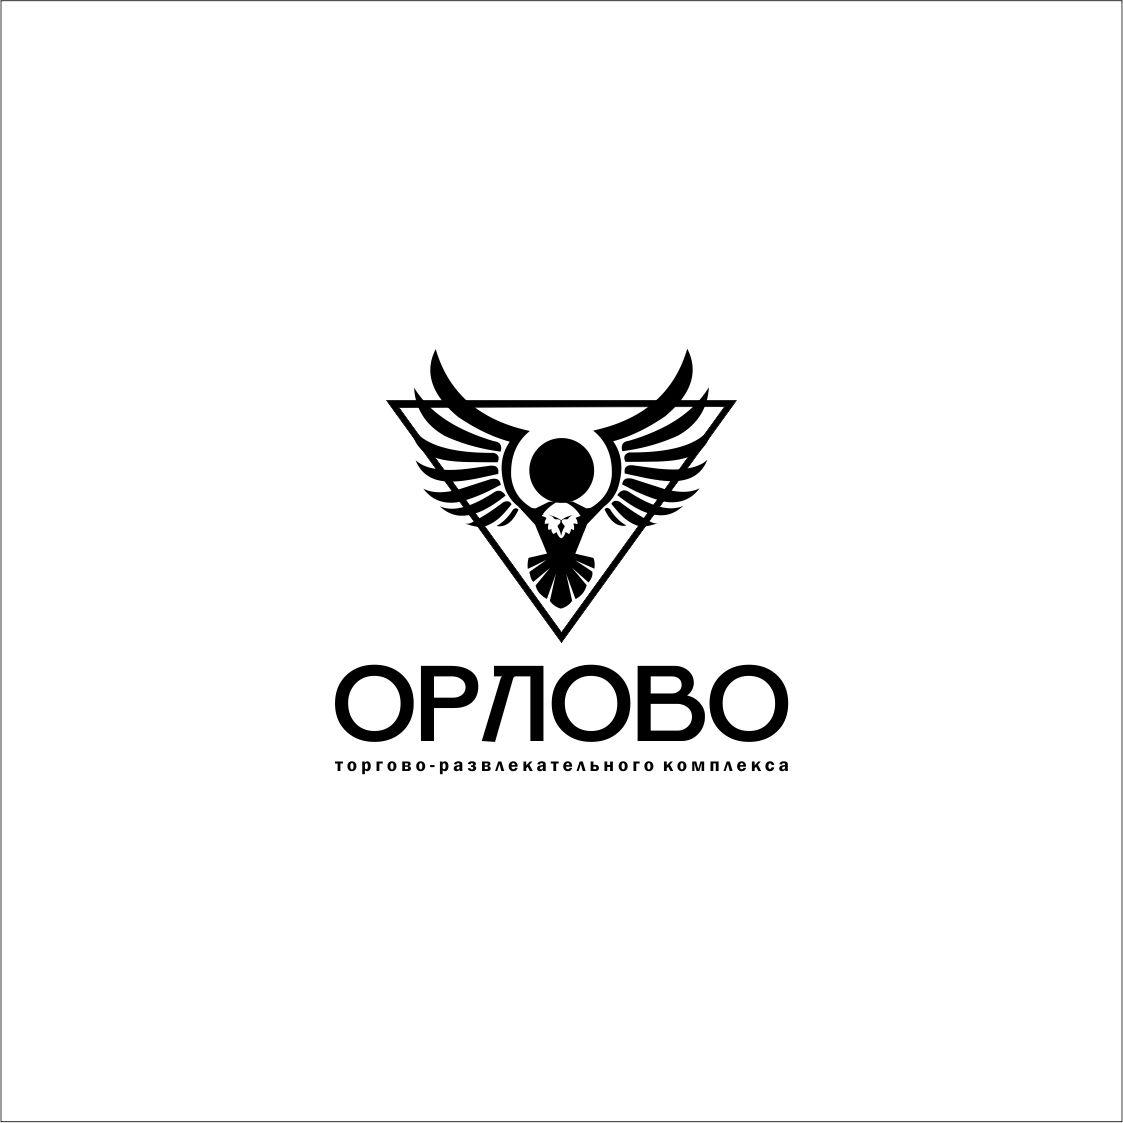 Разработка логотипа для Торгово-развлекательного комплекса фото f_6695972e39e1d89a.jpg